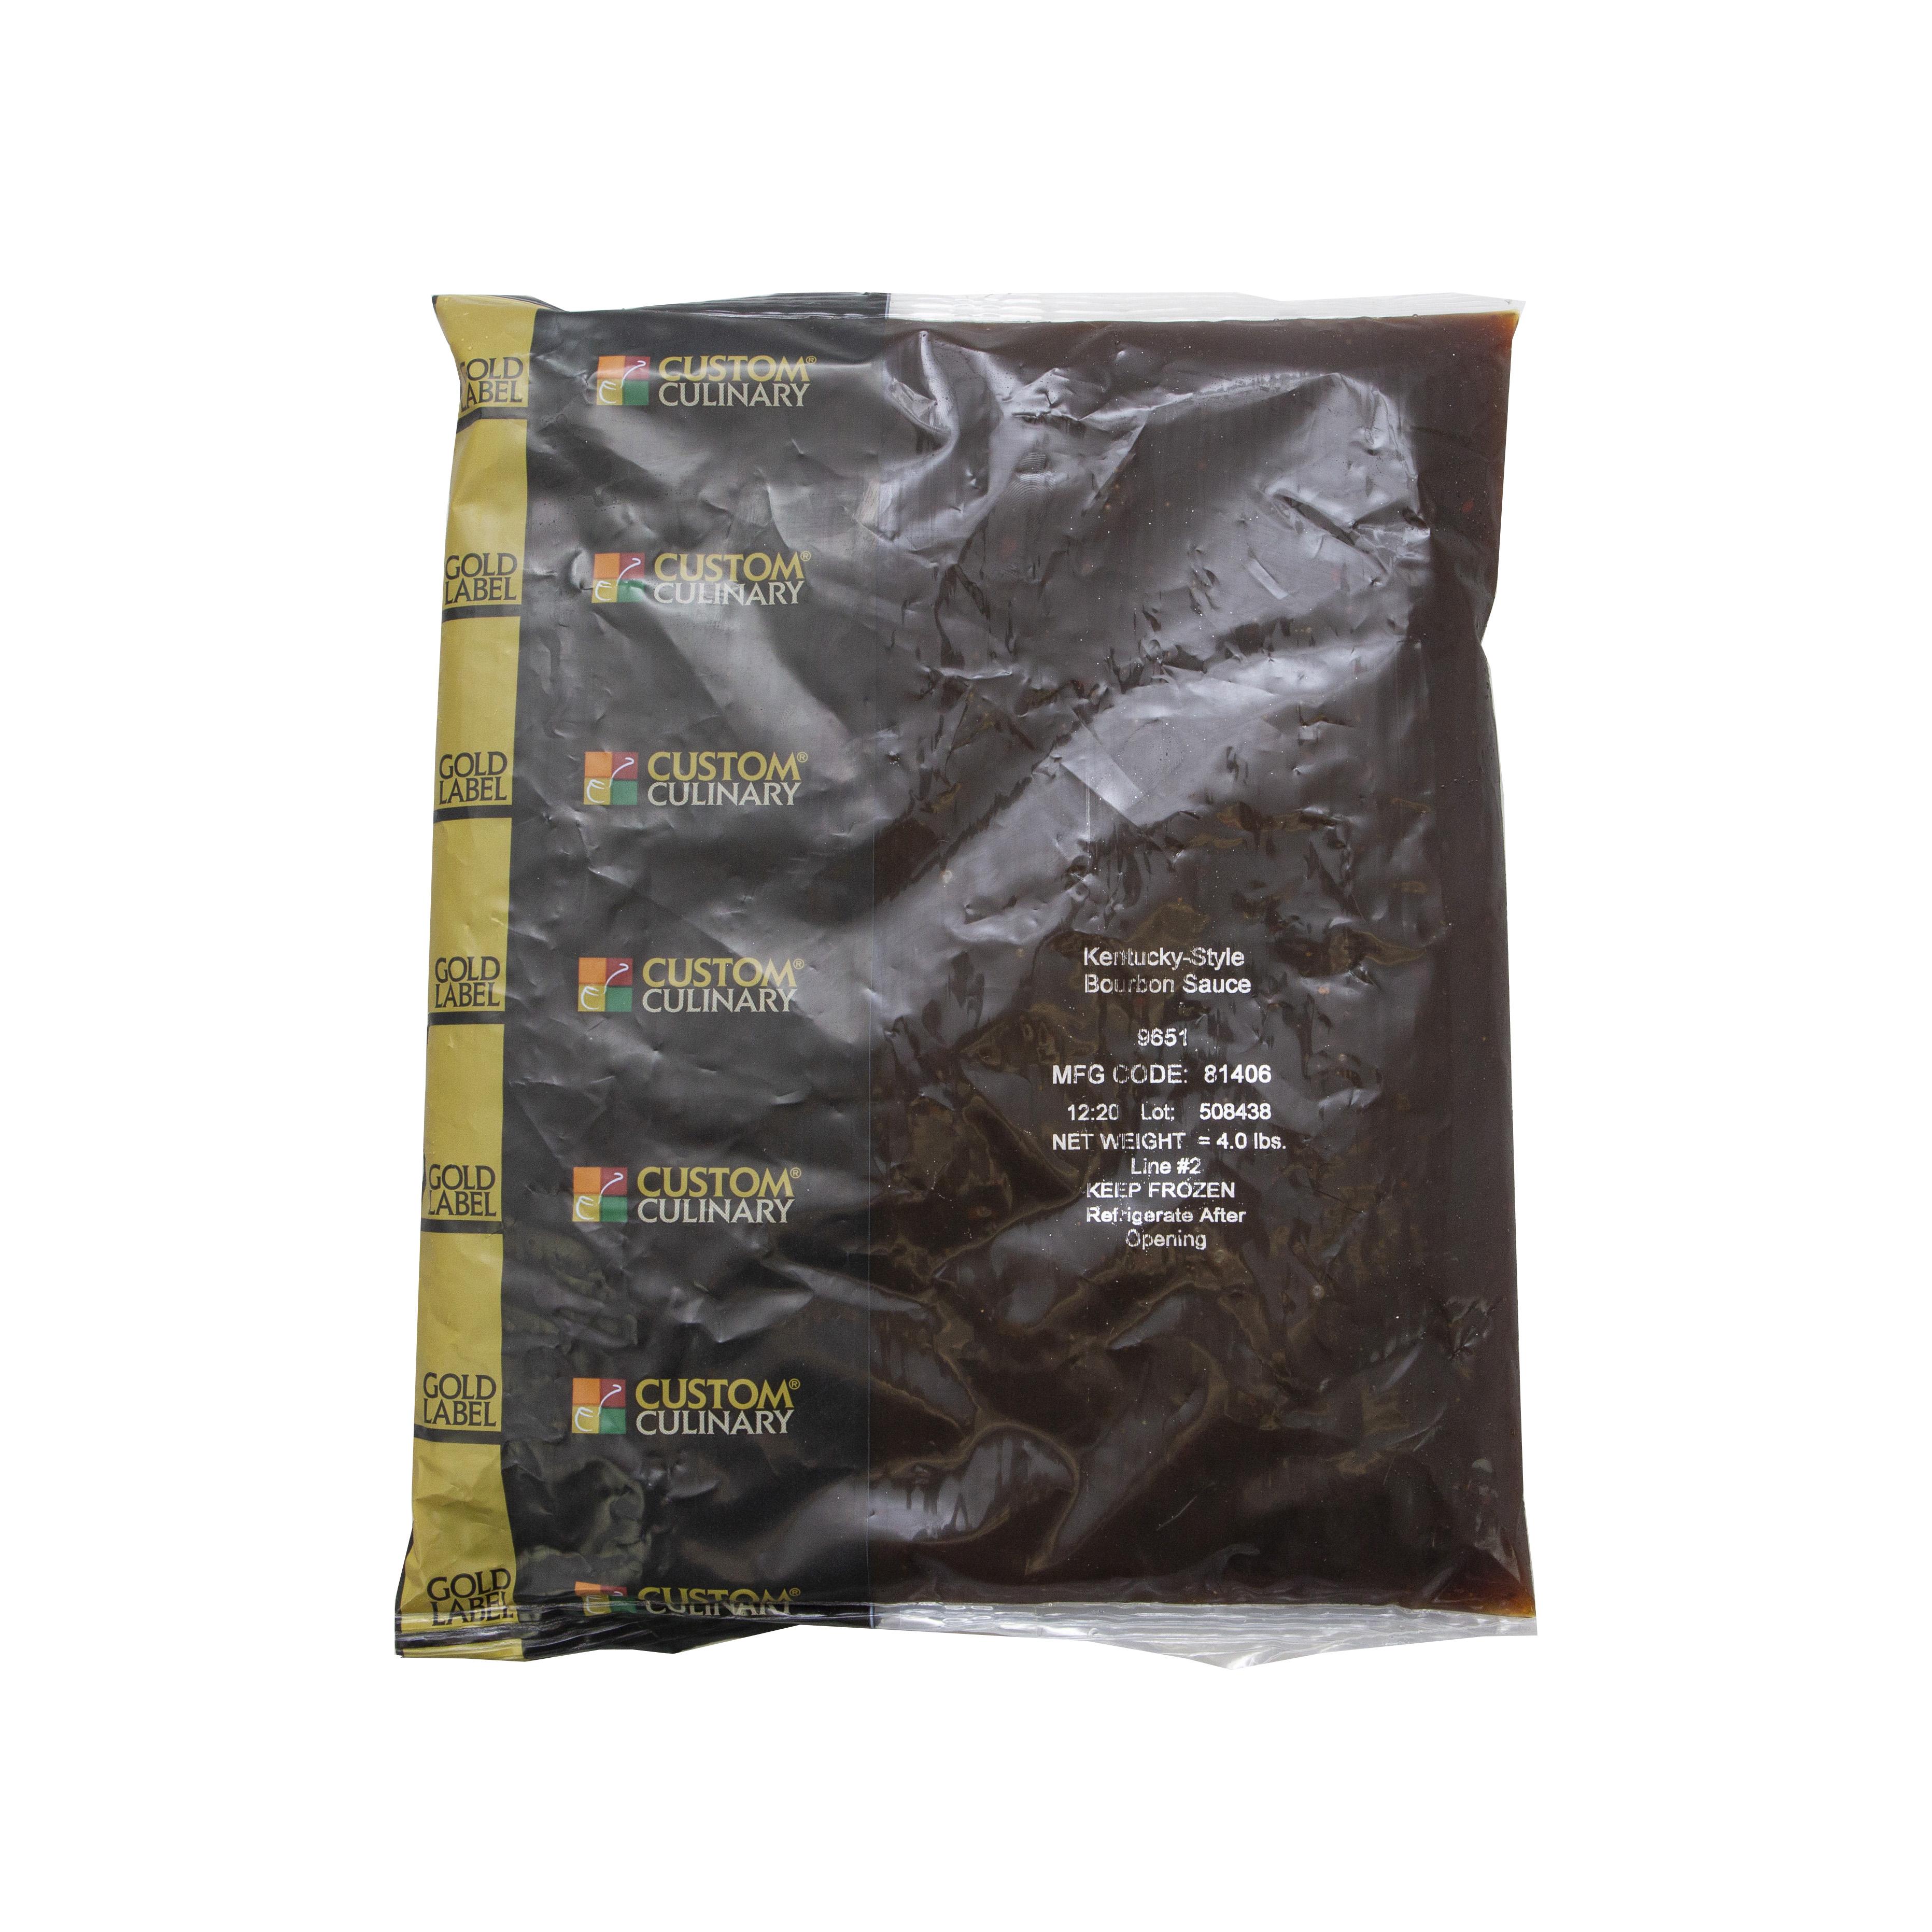 9651 - Gold Label Bourbon Sauce